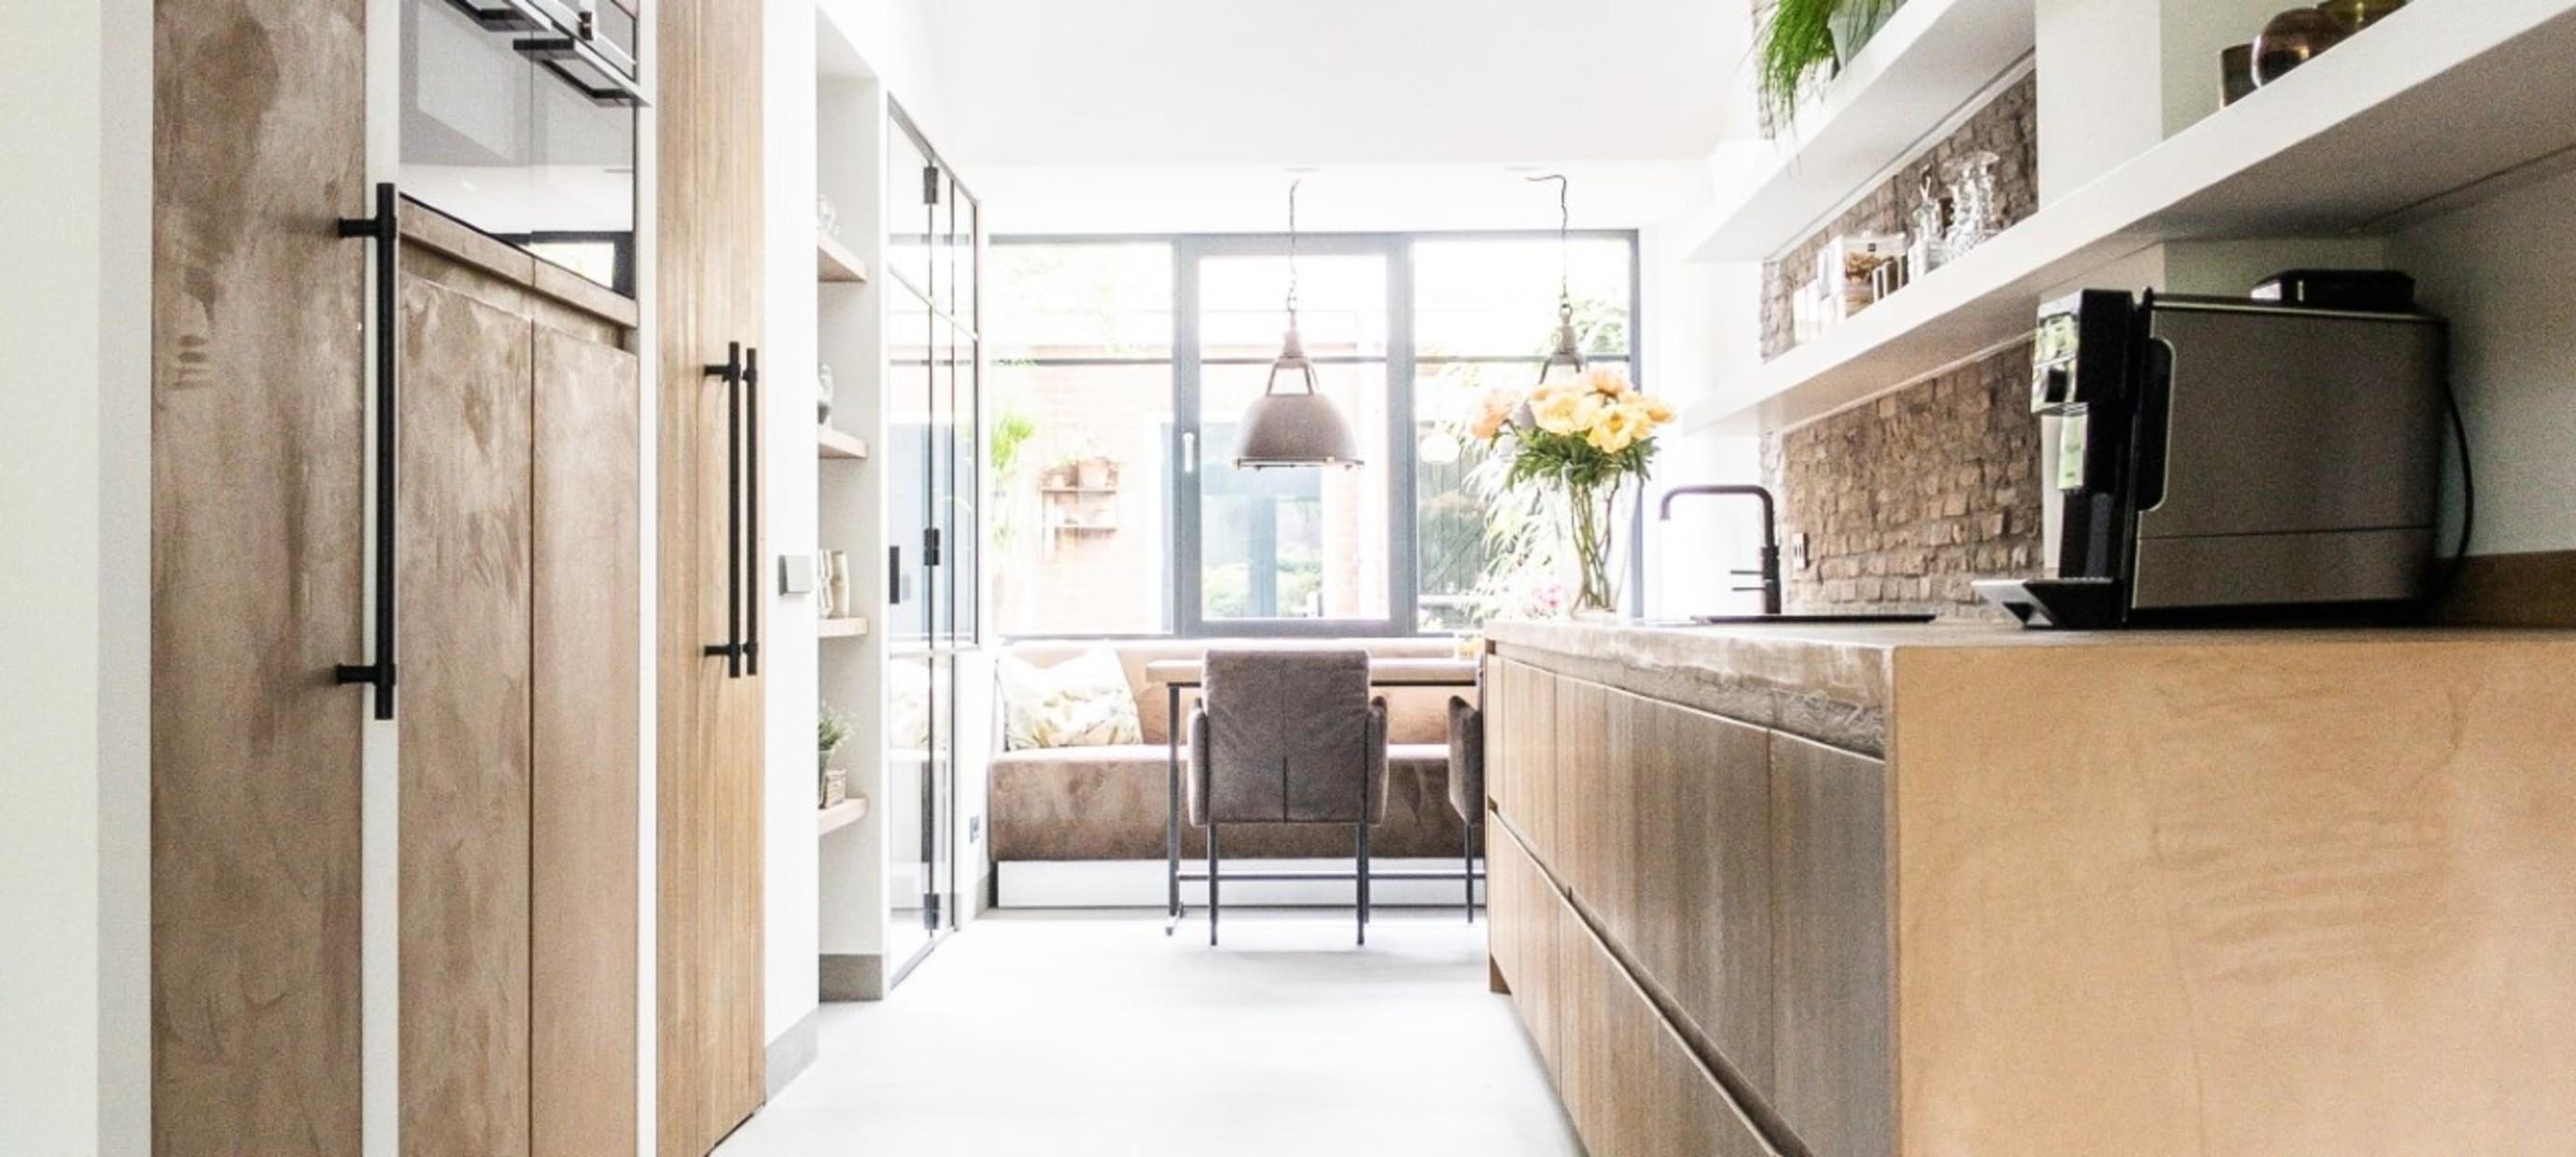 Betonstuc keuken met hout - Amersfoort